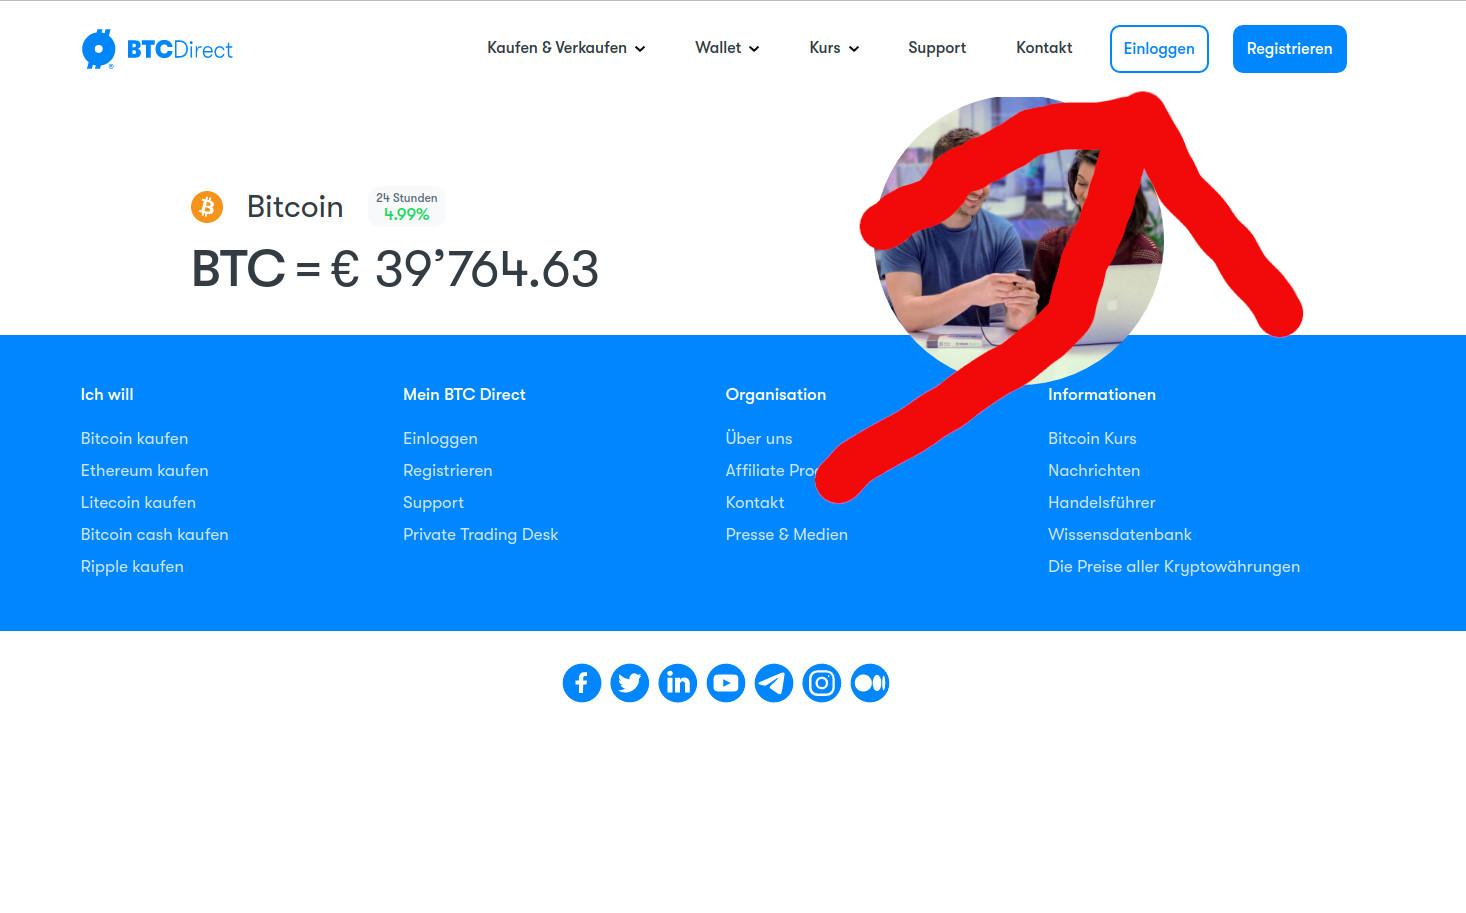 BTC Direct ist eine der ältesten Bitcoin-Börsen Europas. Aber nicht nur das, bei BTC Direct gibt's die Bitcoins am günstigsten und wer will, kann diese sogar mit Kreditkarte kaufen. Einziger Nachteil: BTC Direct verwaltet keine Bitcoins, dh. der User muss sich selber eine eigene Wallet an einem anderen Ort anlegen.